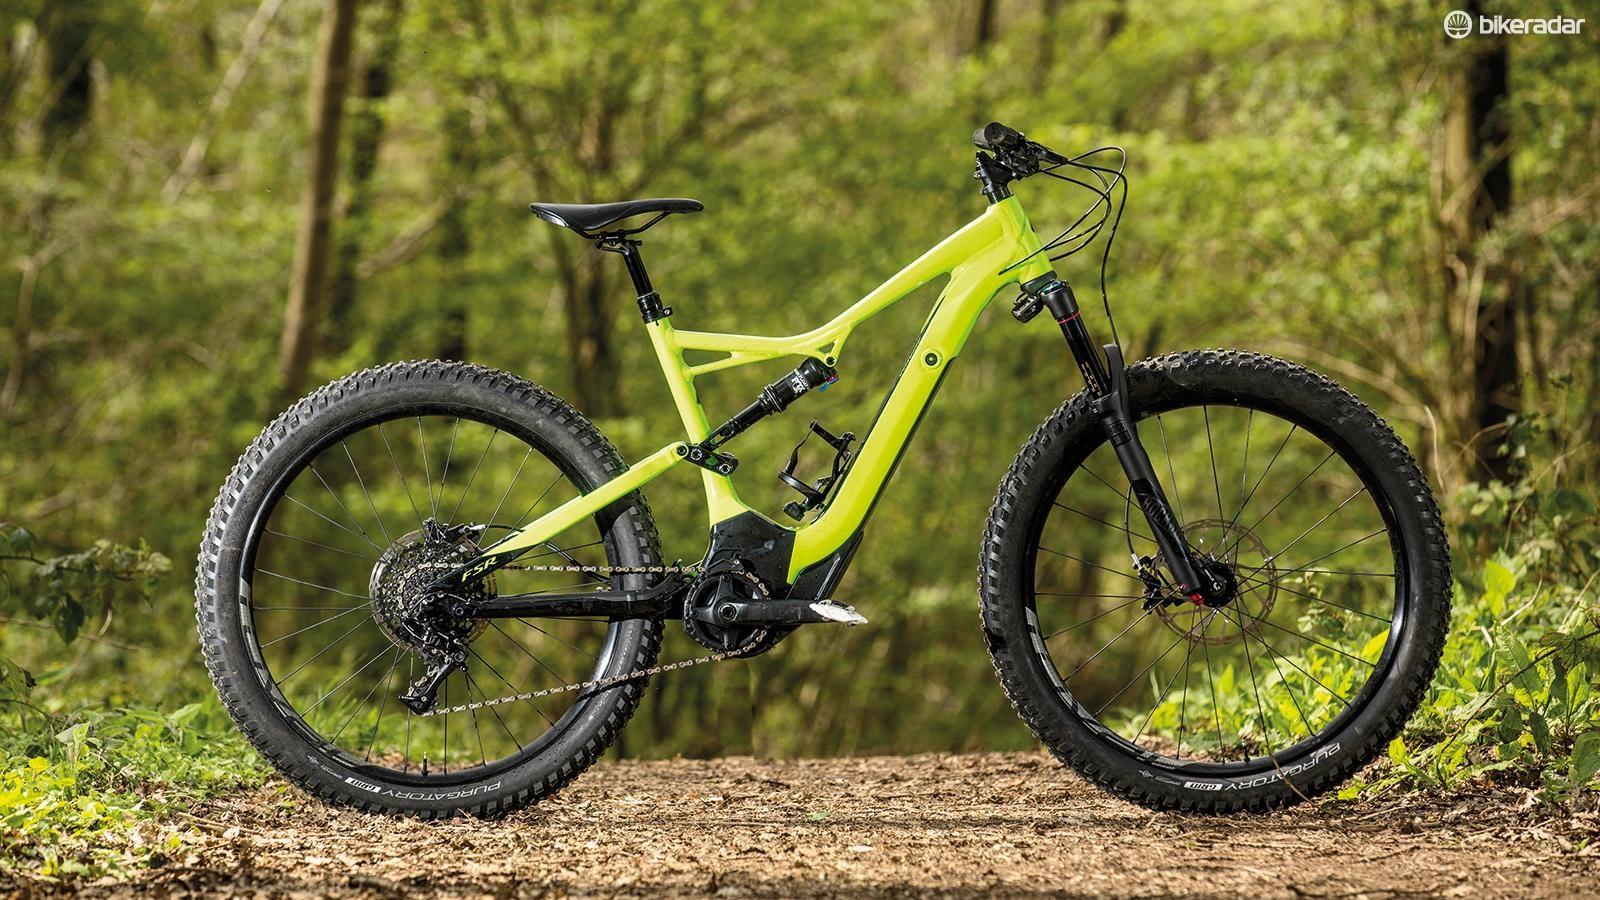 Specialized Turbo Levo FSR Comp e MTB review BikeRadar